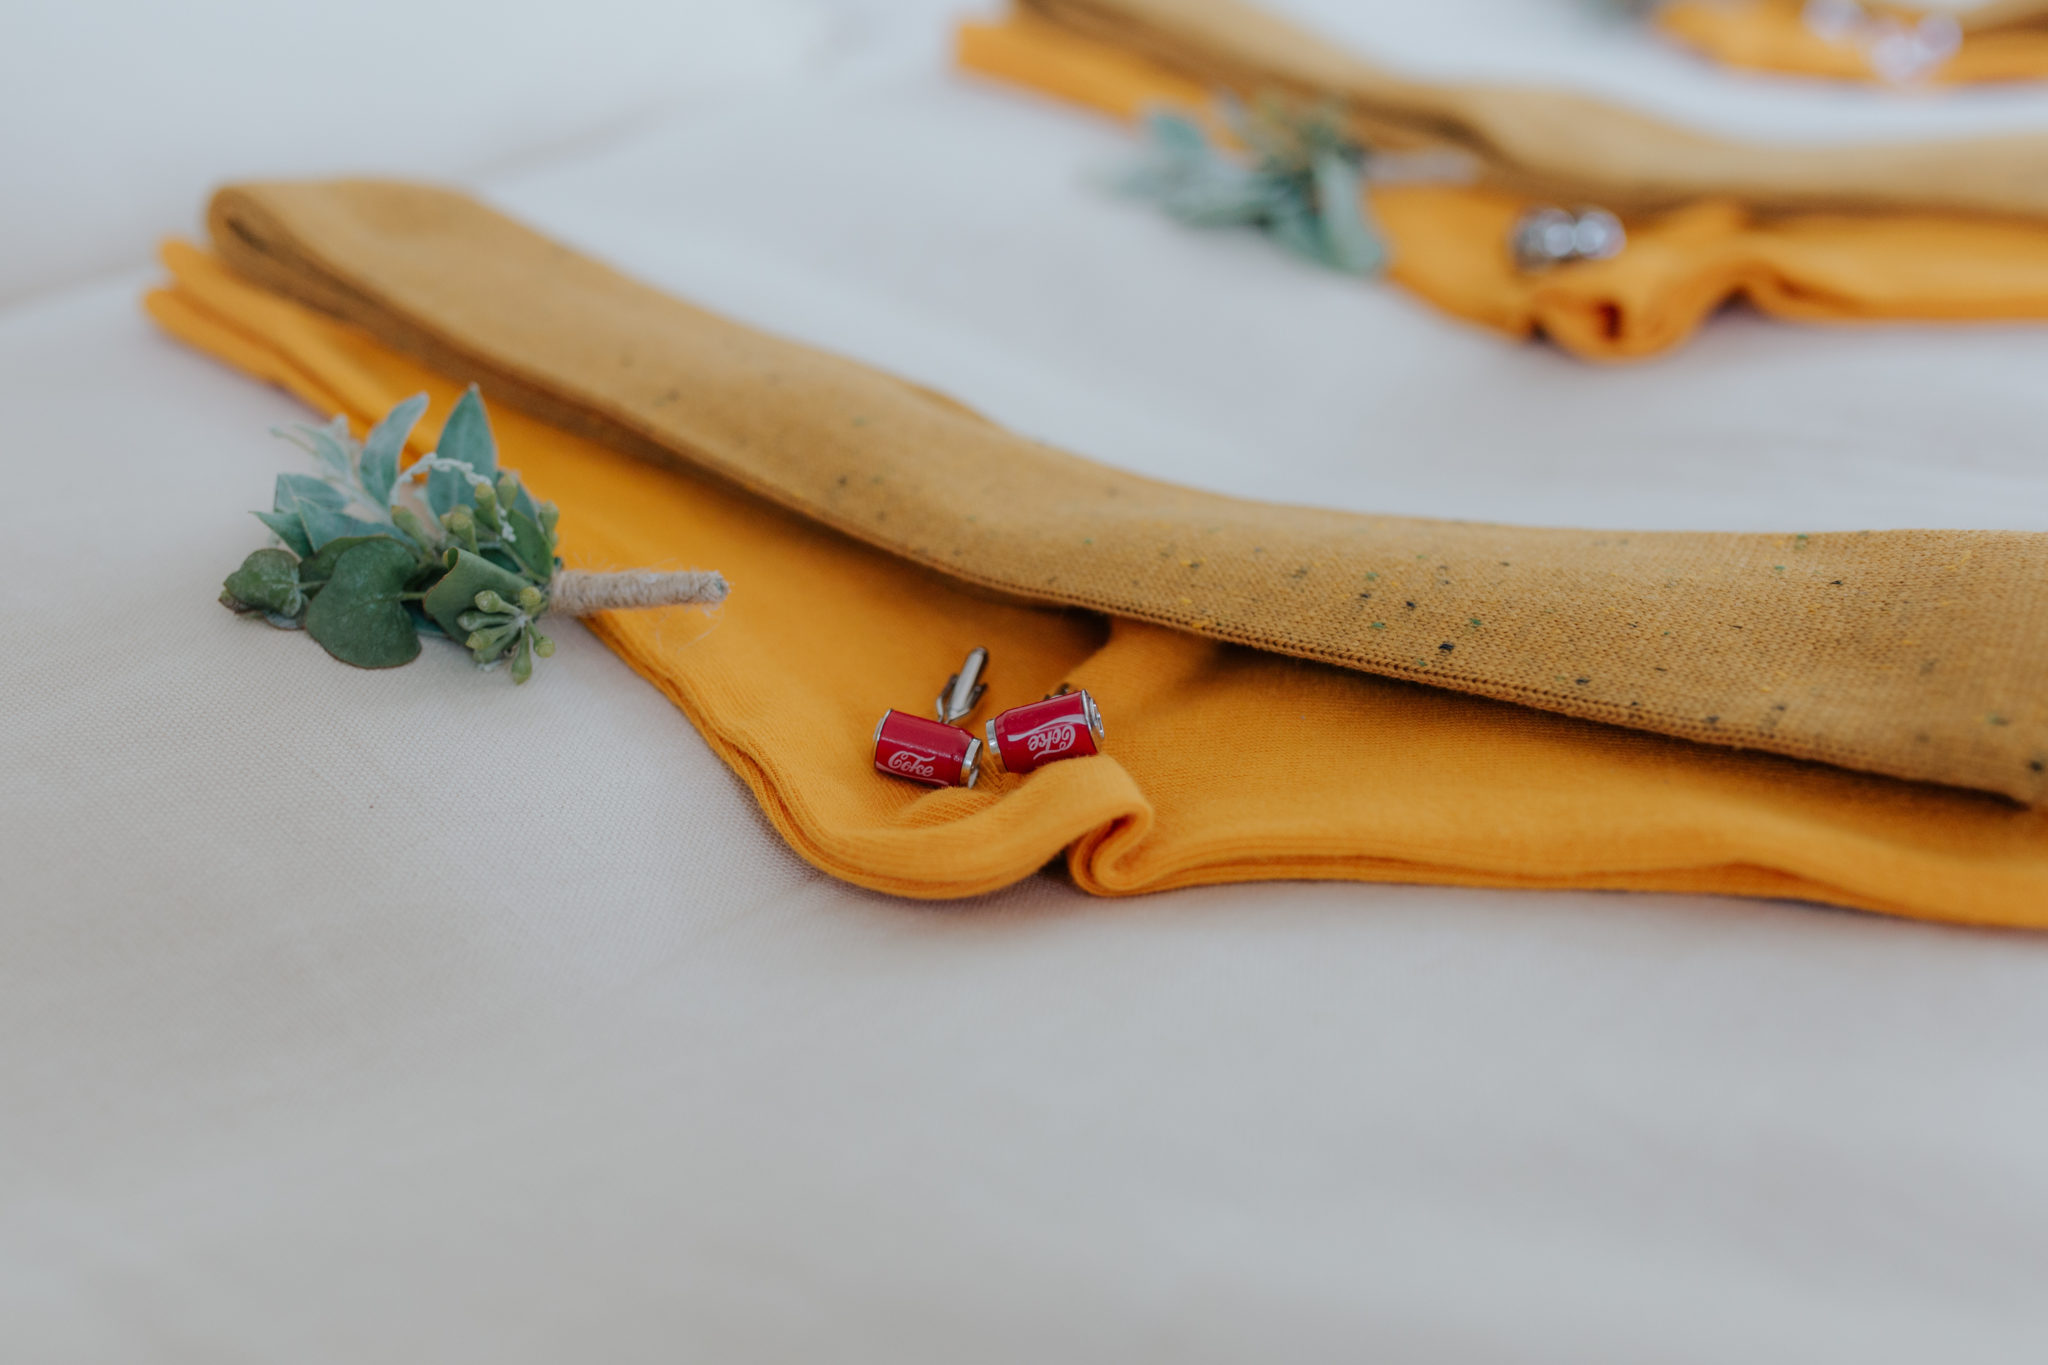 Préparatifs marié Trouville accessoires témoins chaussettes boutons manchettes boutonnière jaune